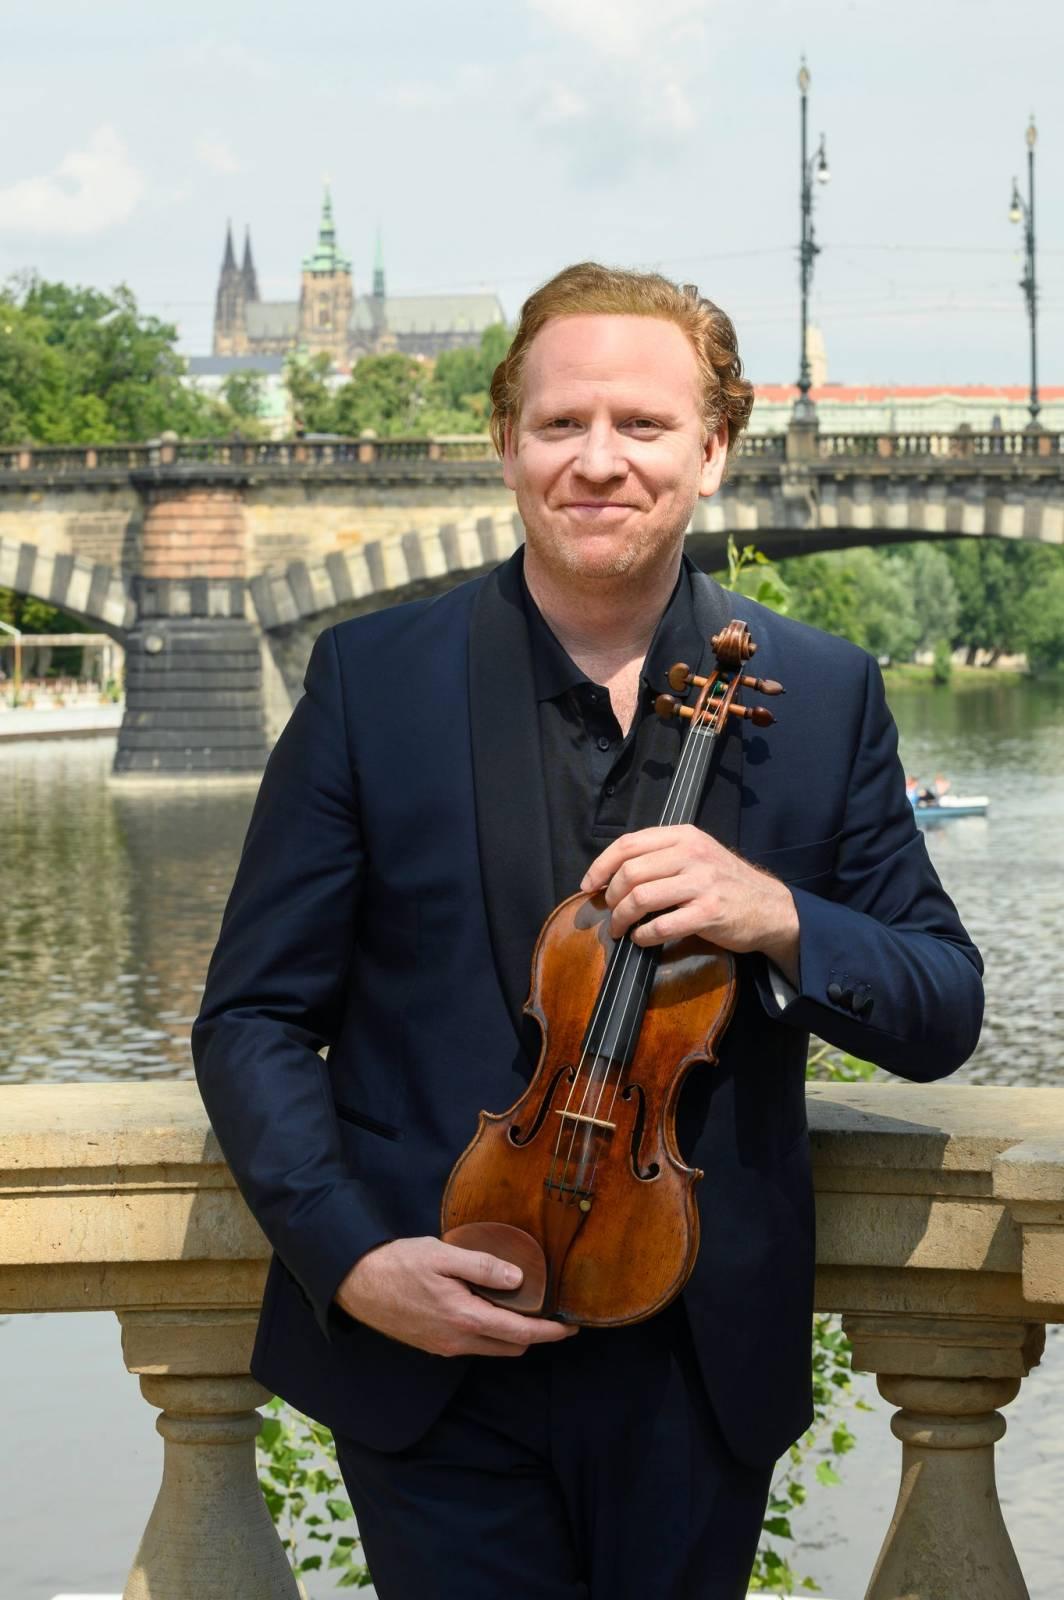 Struny podzimu pokračují koncertem Daniela Hopa. Na hladině Vltavy zahraje pro tisíc diváků